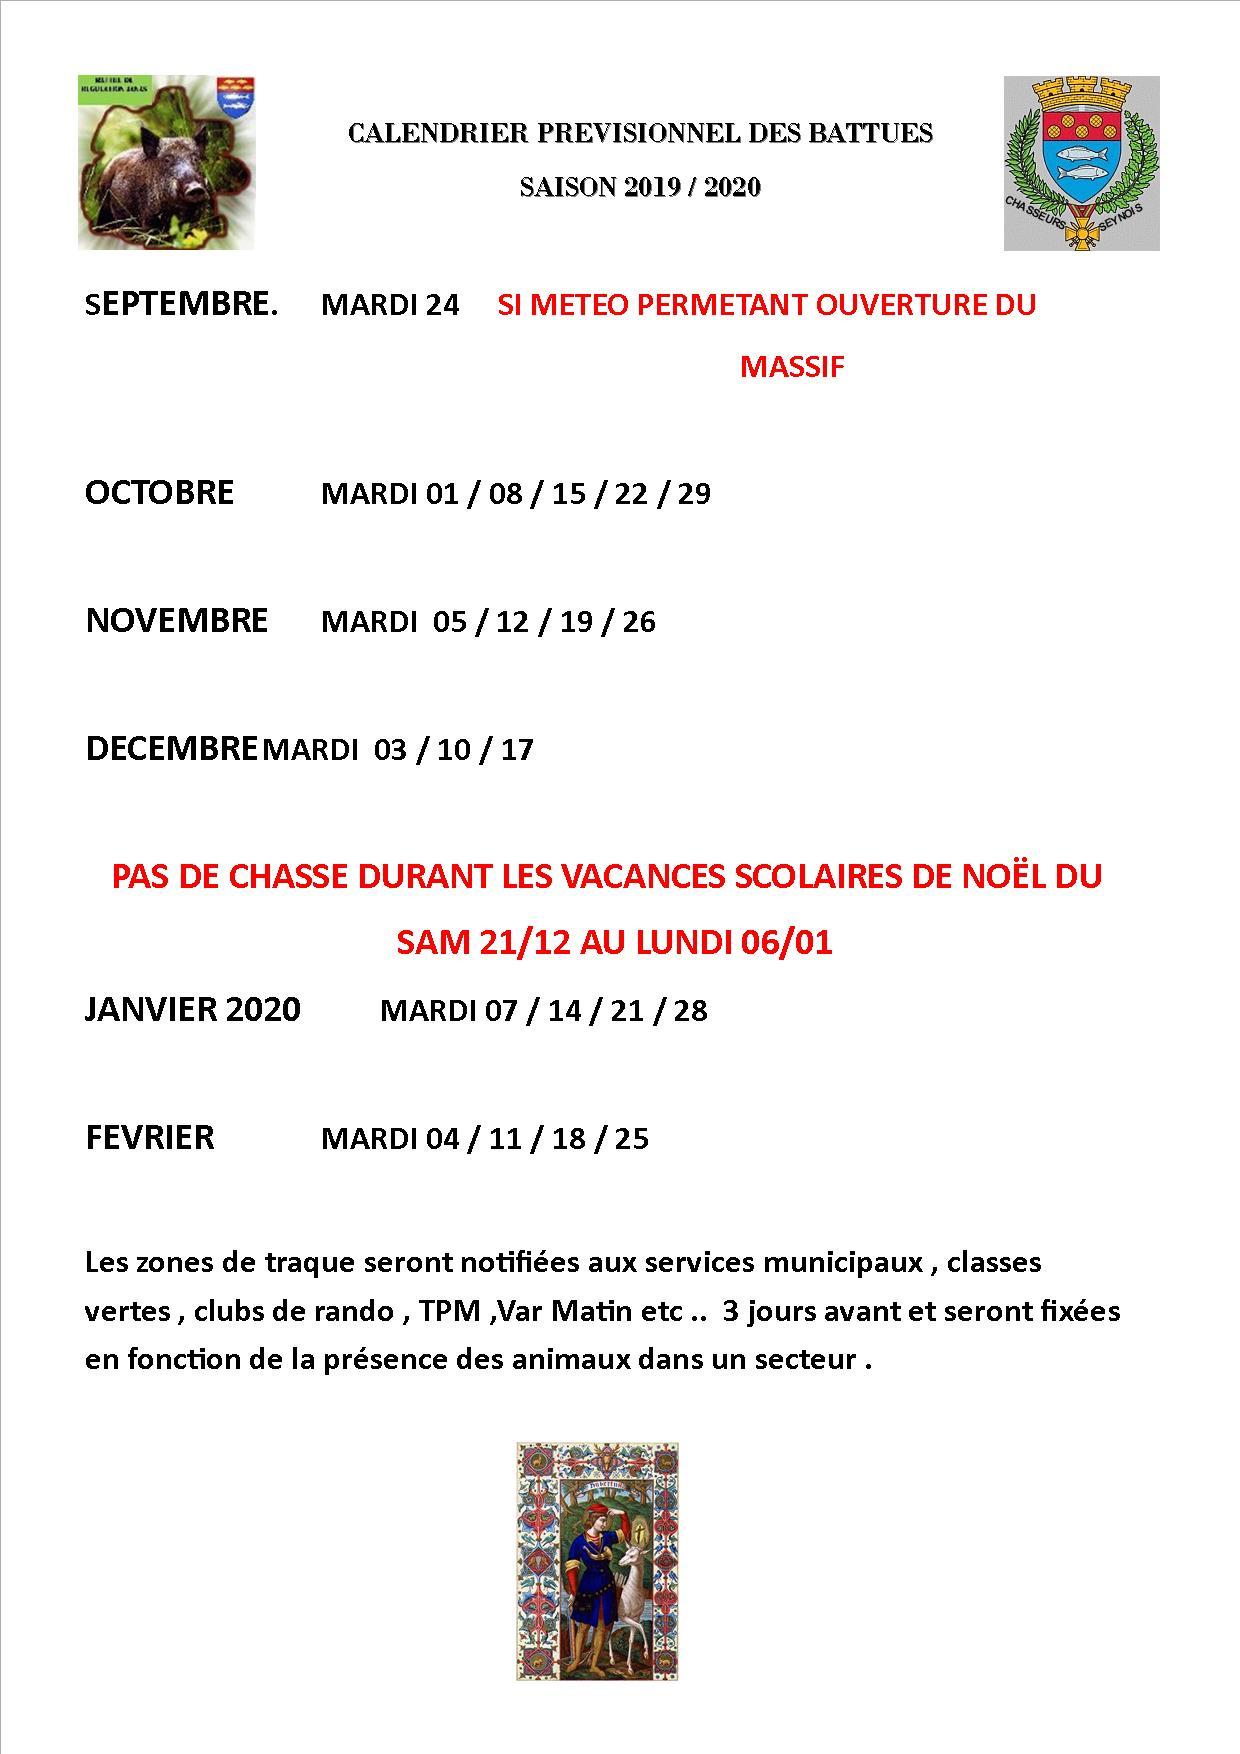 Les Feux De Lamour Calendrier Previsionnel 2019.Les Battues L Union Des Chasseurs Seynois